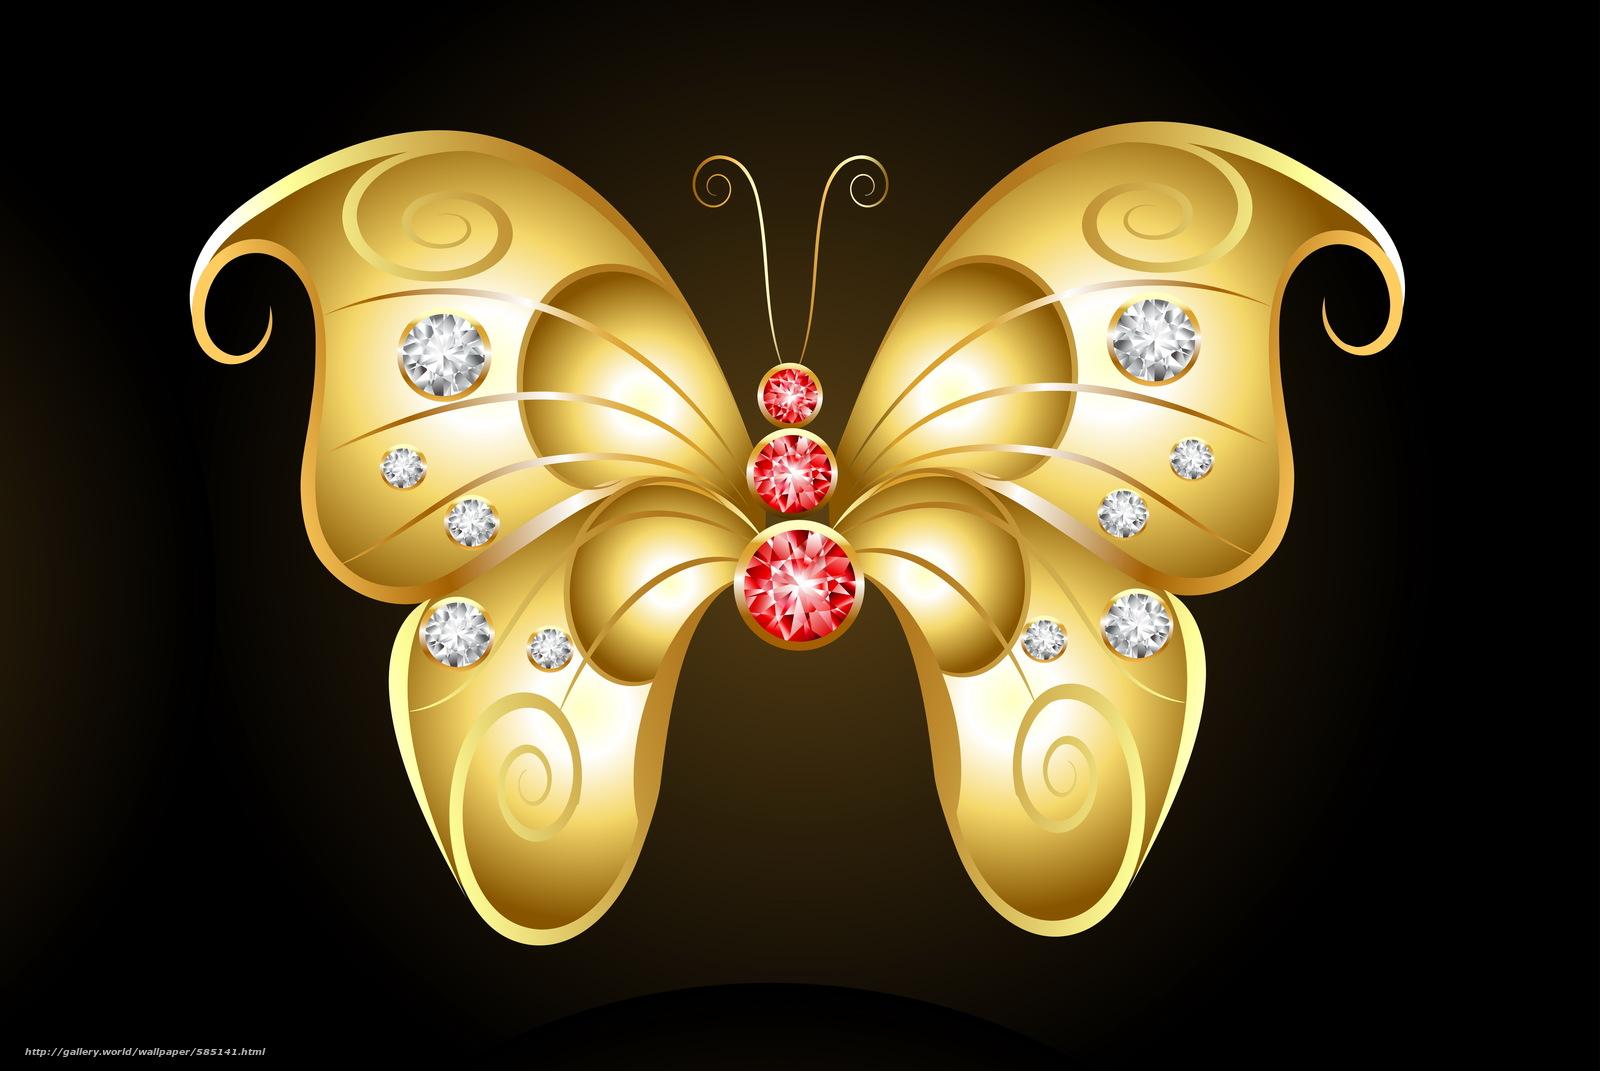 Скачать обои темный фон,  золотая бабочка,  камешки бесплатно для рабочего стола в разрешении 4882x3269 — картинка №585141